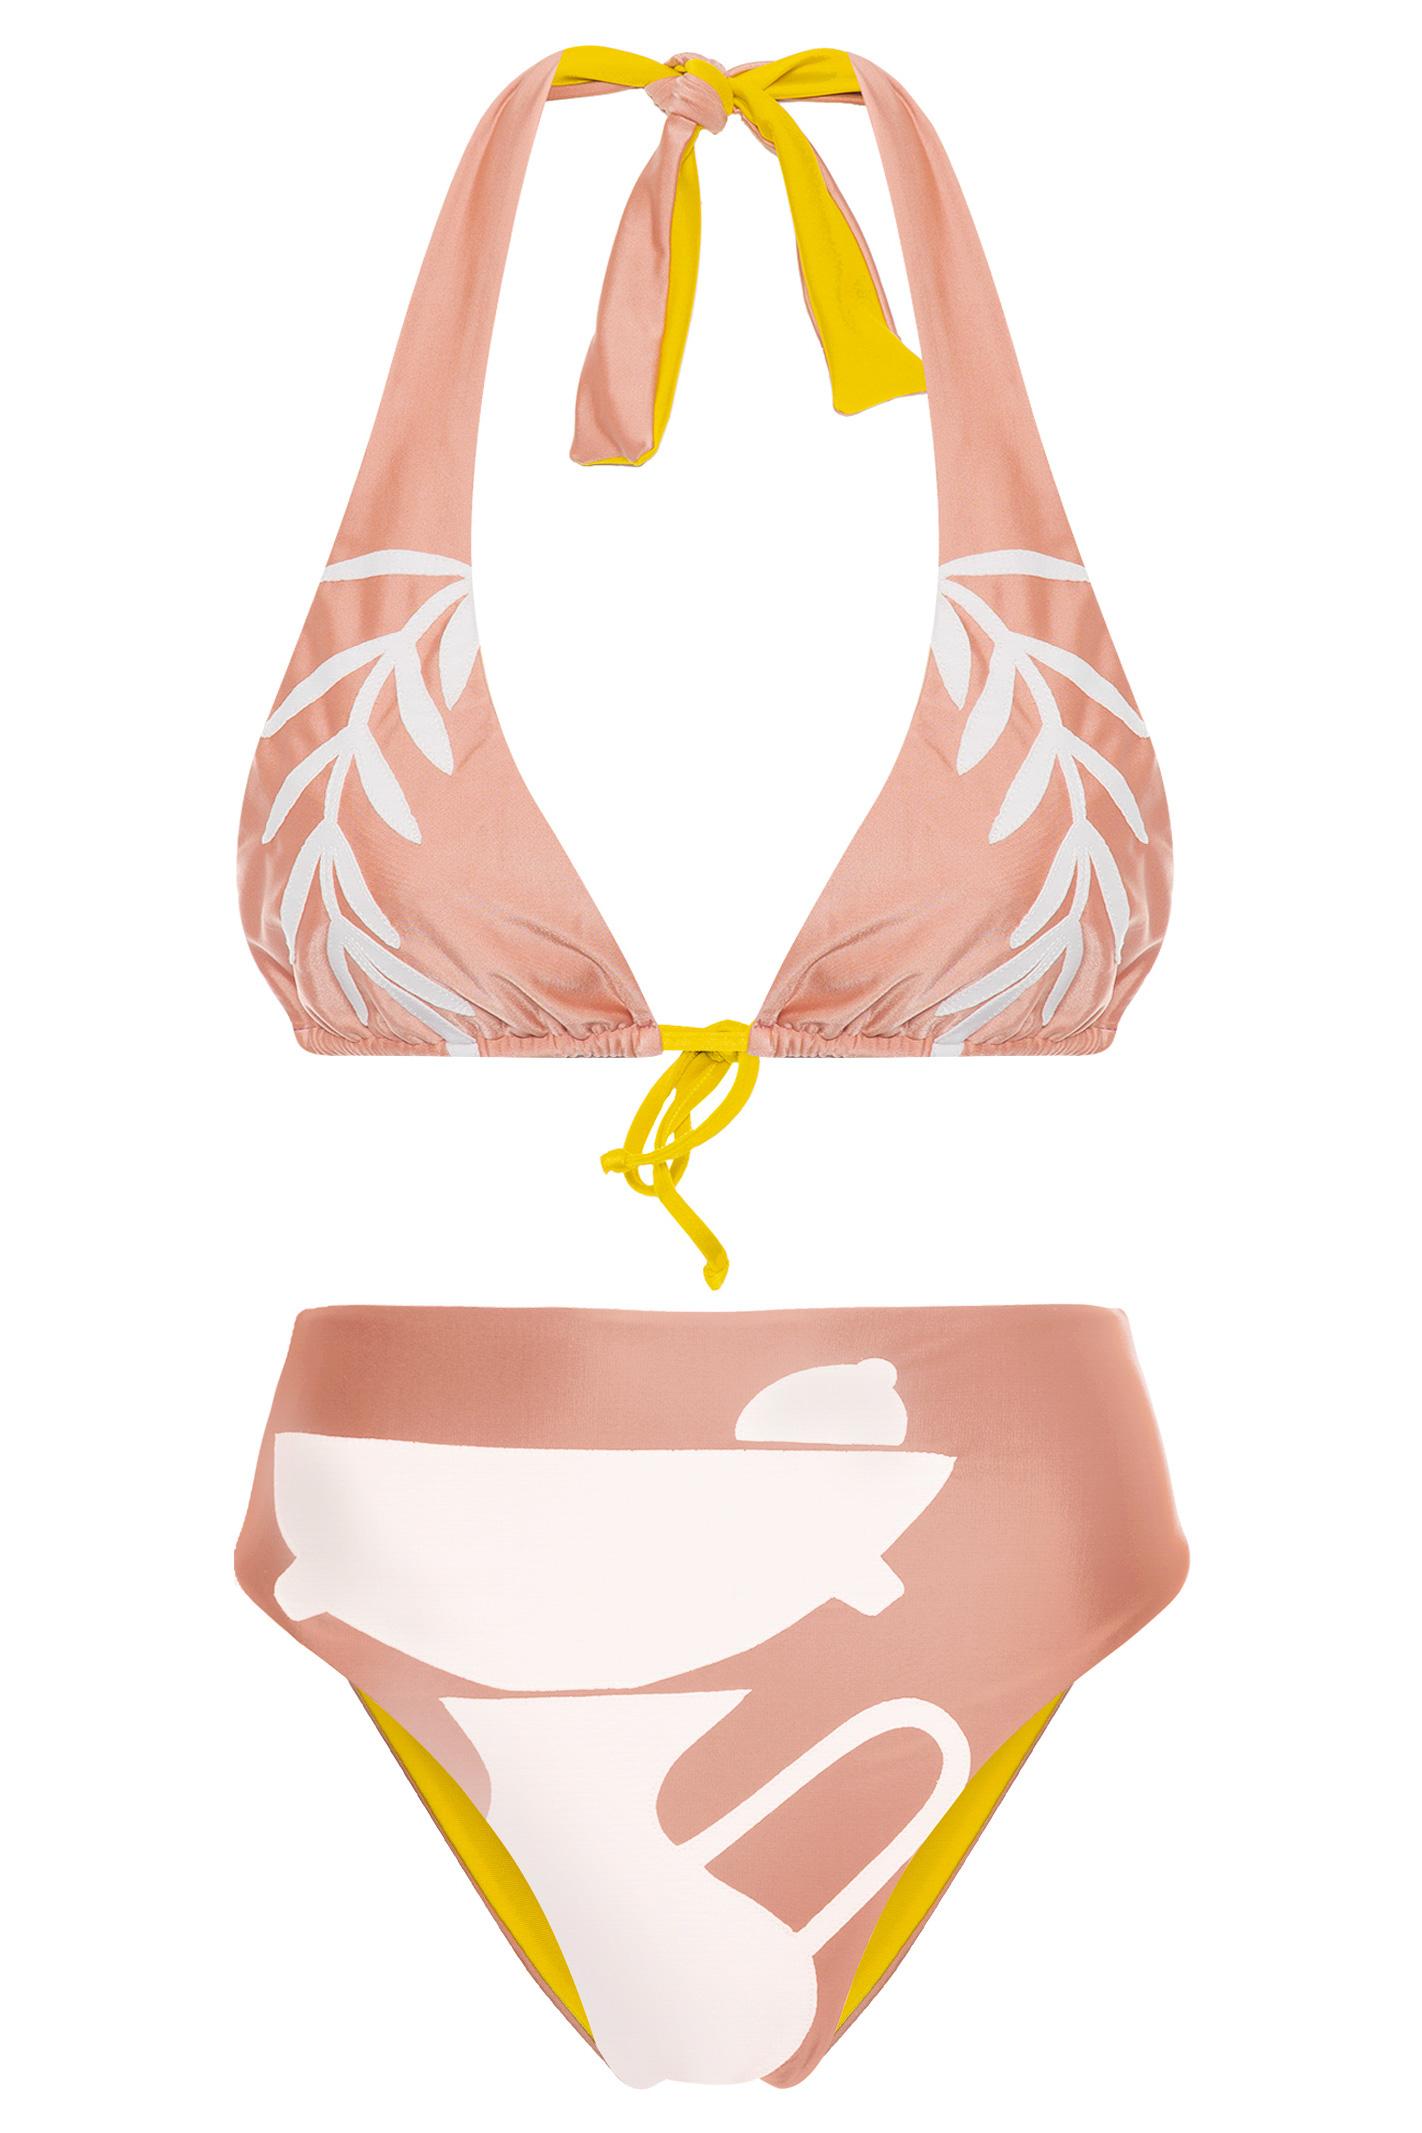 Biquini Hot Pant Cavada Bauhaus Avesso Amarelo - Nude